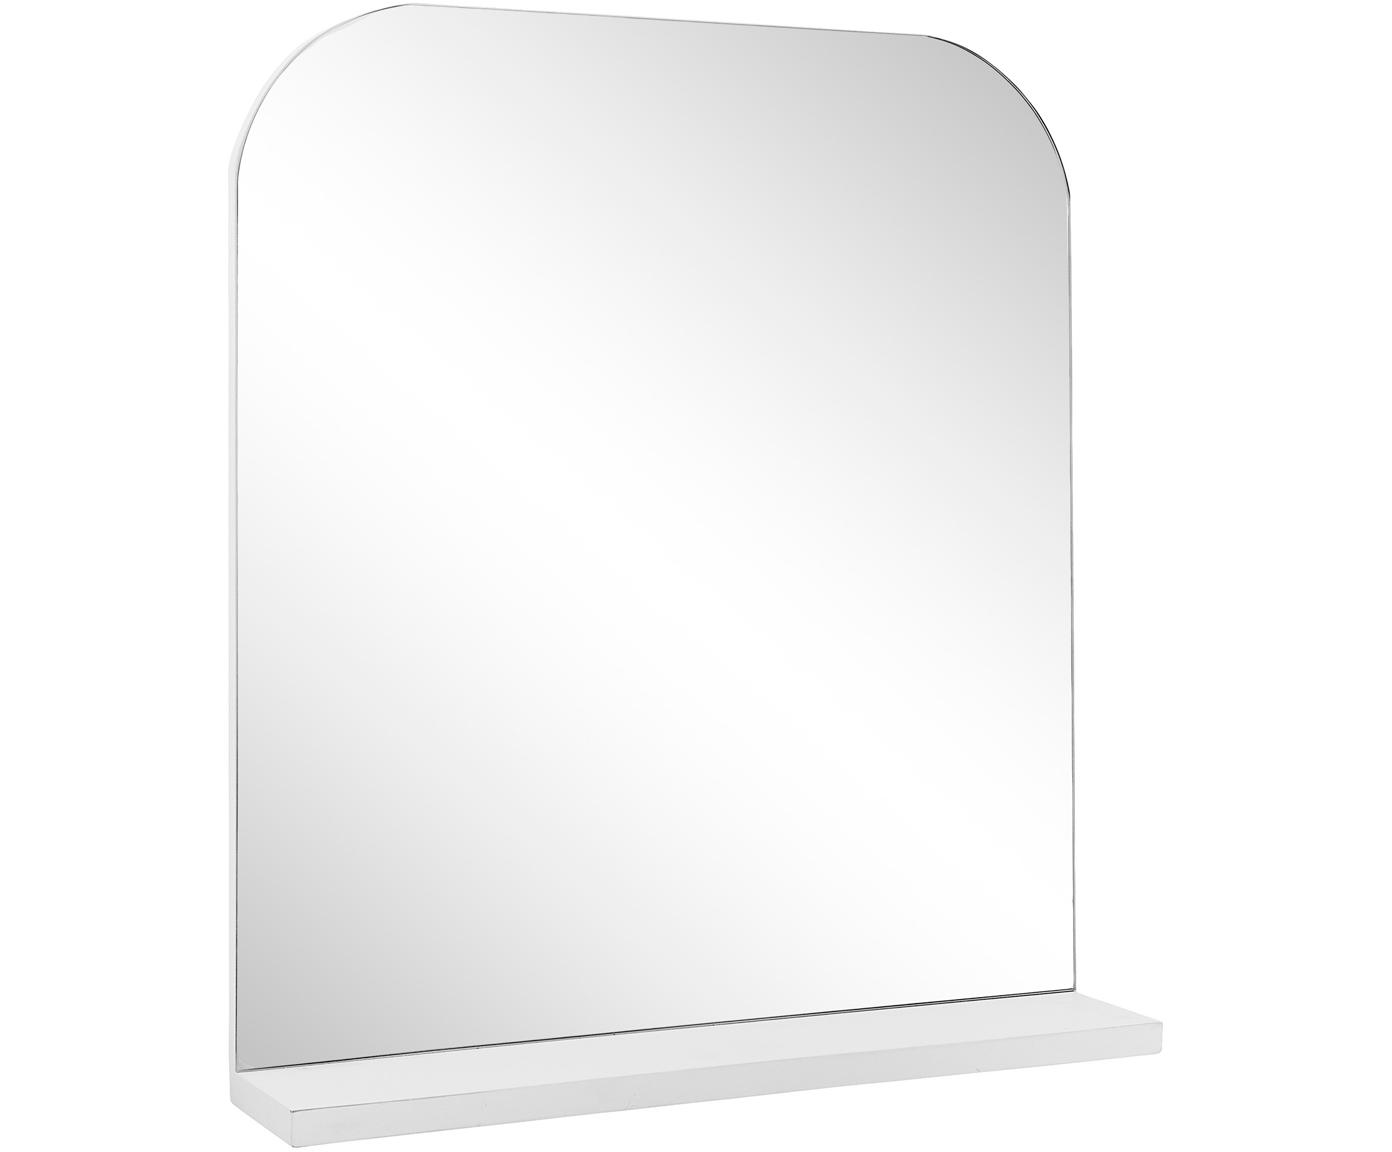 Specchio da parete Pina, Mensola: legno, Superficie dello specchio: lastra di vetro, Bianco, Larg. 55 x Alt. 63 cm